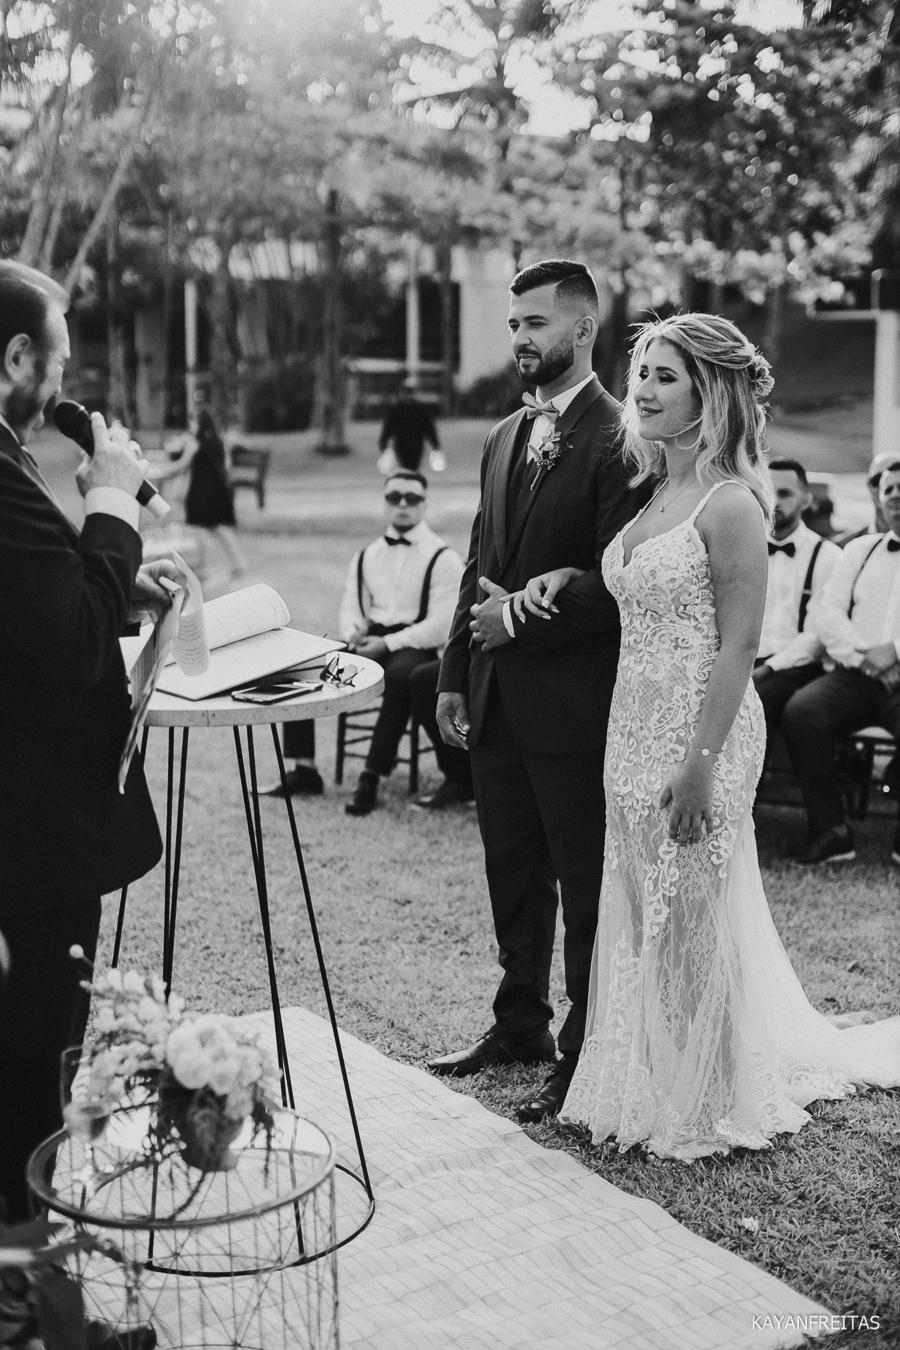 casamentodedia-lic-floripa-0079 Casamento de dia em Florianópolis - Pri e Guto